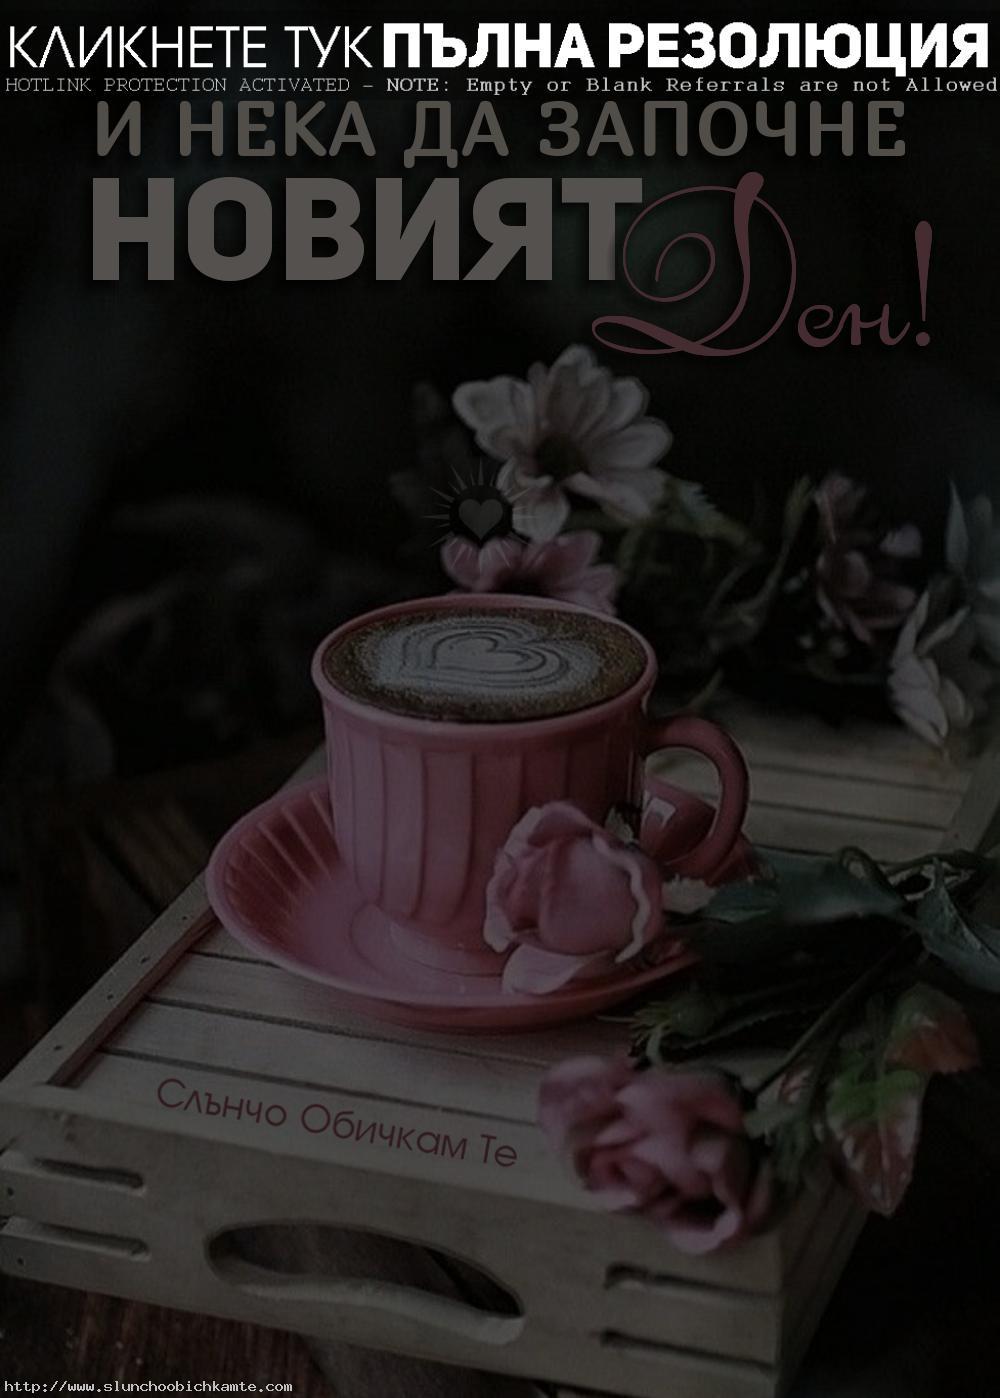 И нека да започне новият ден. Добро утро в петък, добро утро в понеделник, добро утро в сряда, добро утро в четвъртък, картички за добро утро